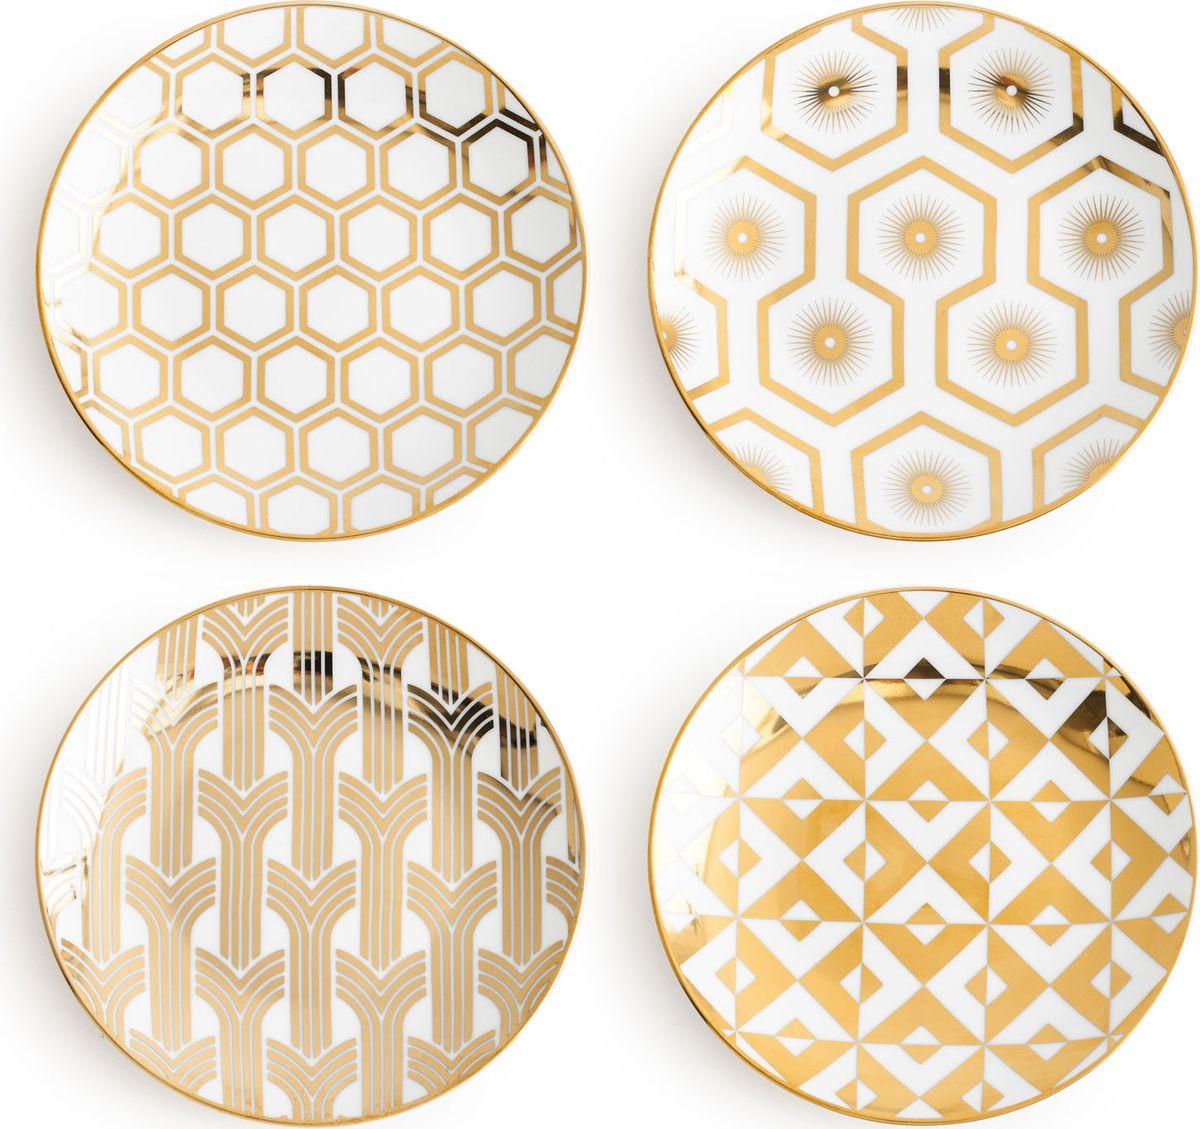 Набор тарелок Rosanna Jazz Age, 4 шт. 9685396853Набор Rosanna Jazz Age состоит из четырех тарелок, оформленных ярким, оригинальнымгеометрическим принтом. Изделия, изготовленные из высококачественного фарфора, с внешнейстороны выполнены с глазурованным покрытием. Такой набор будет отличным подарком, атакже порадует вас за столом.